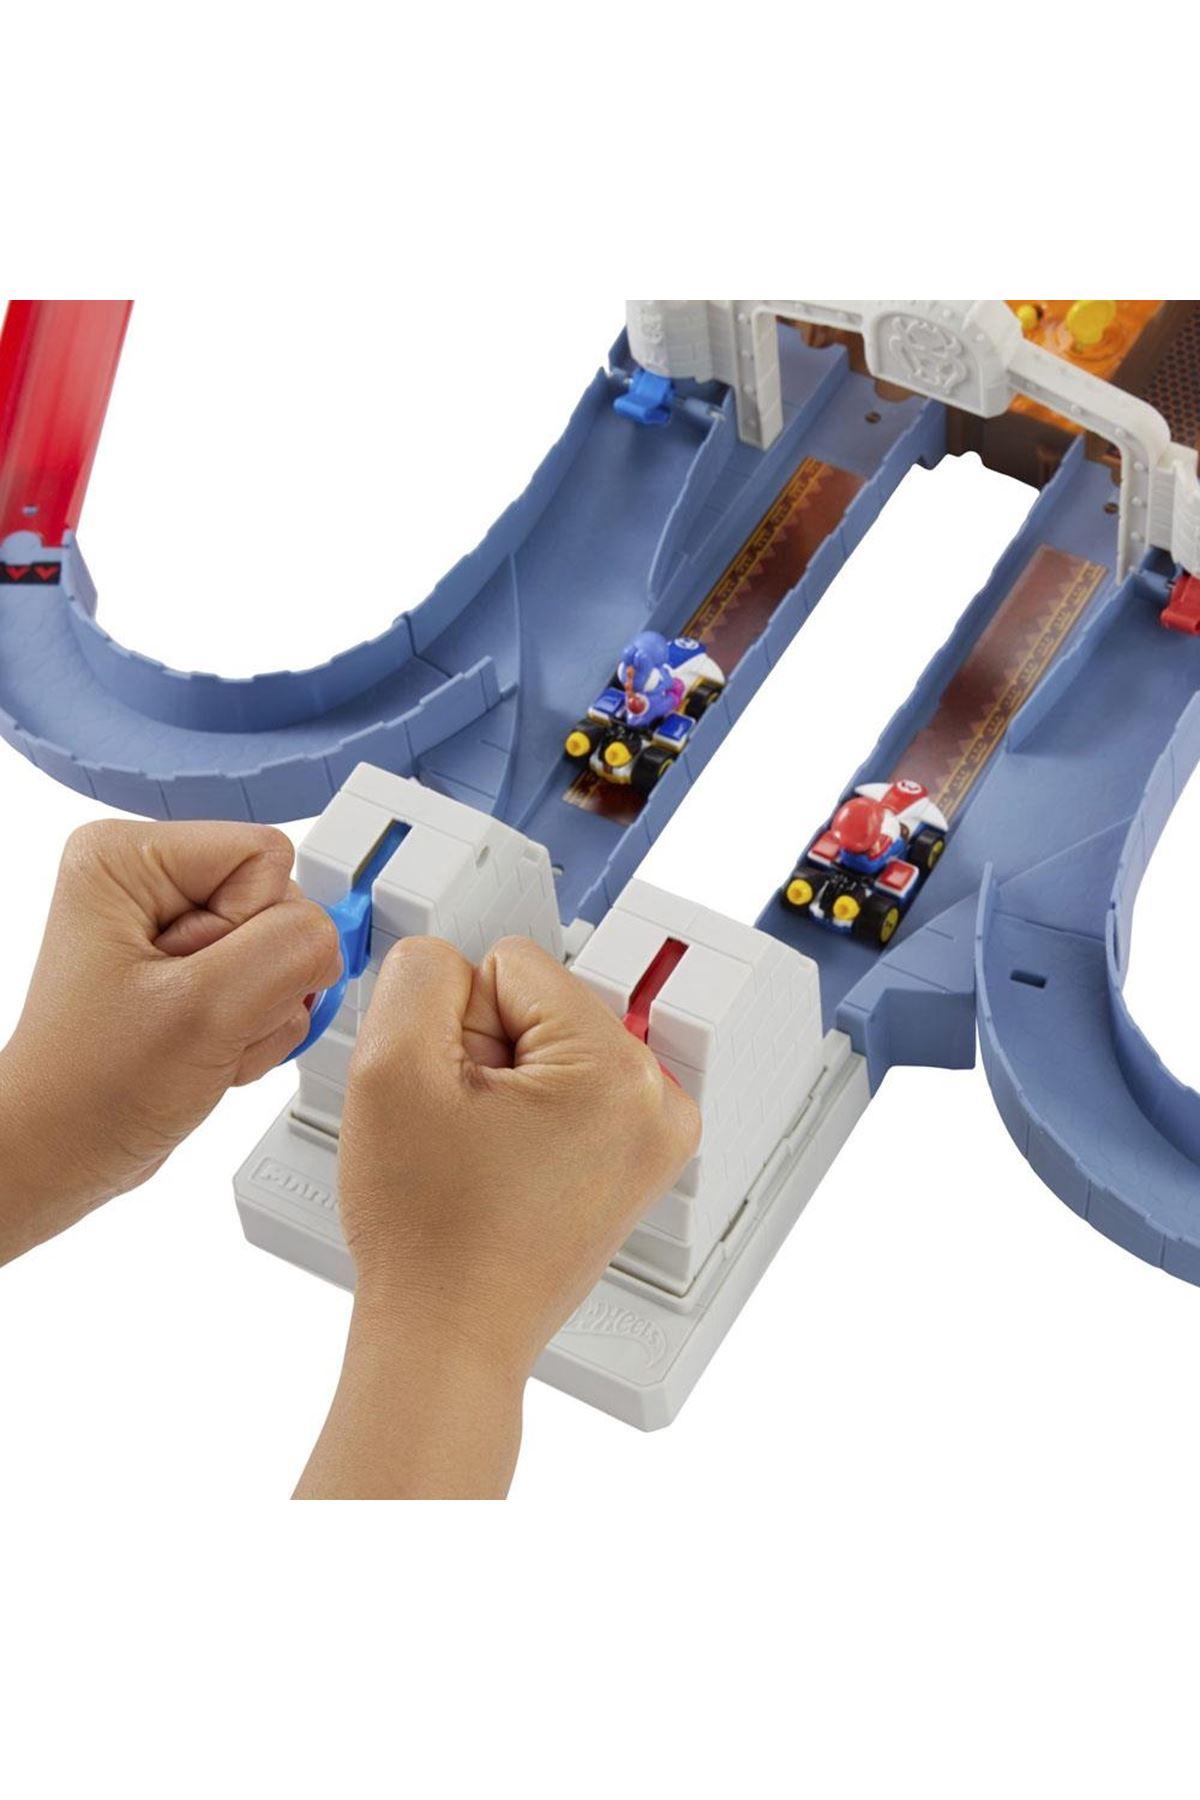 Hot Wheels Mario Kart Bowser'in Kalesinde Kaos Oyun Seti GNM22